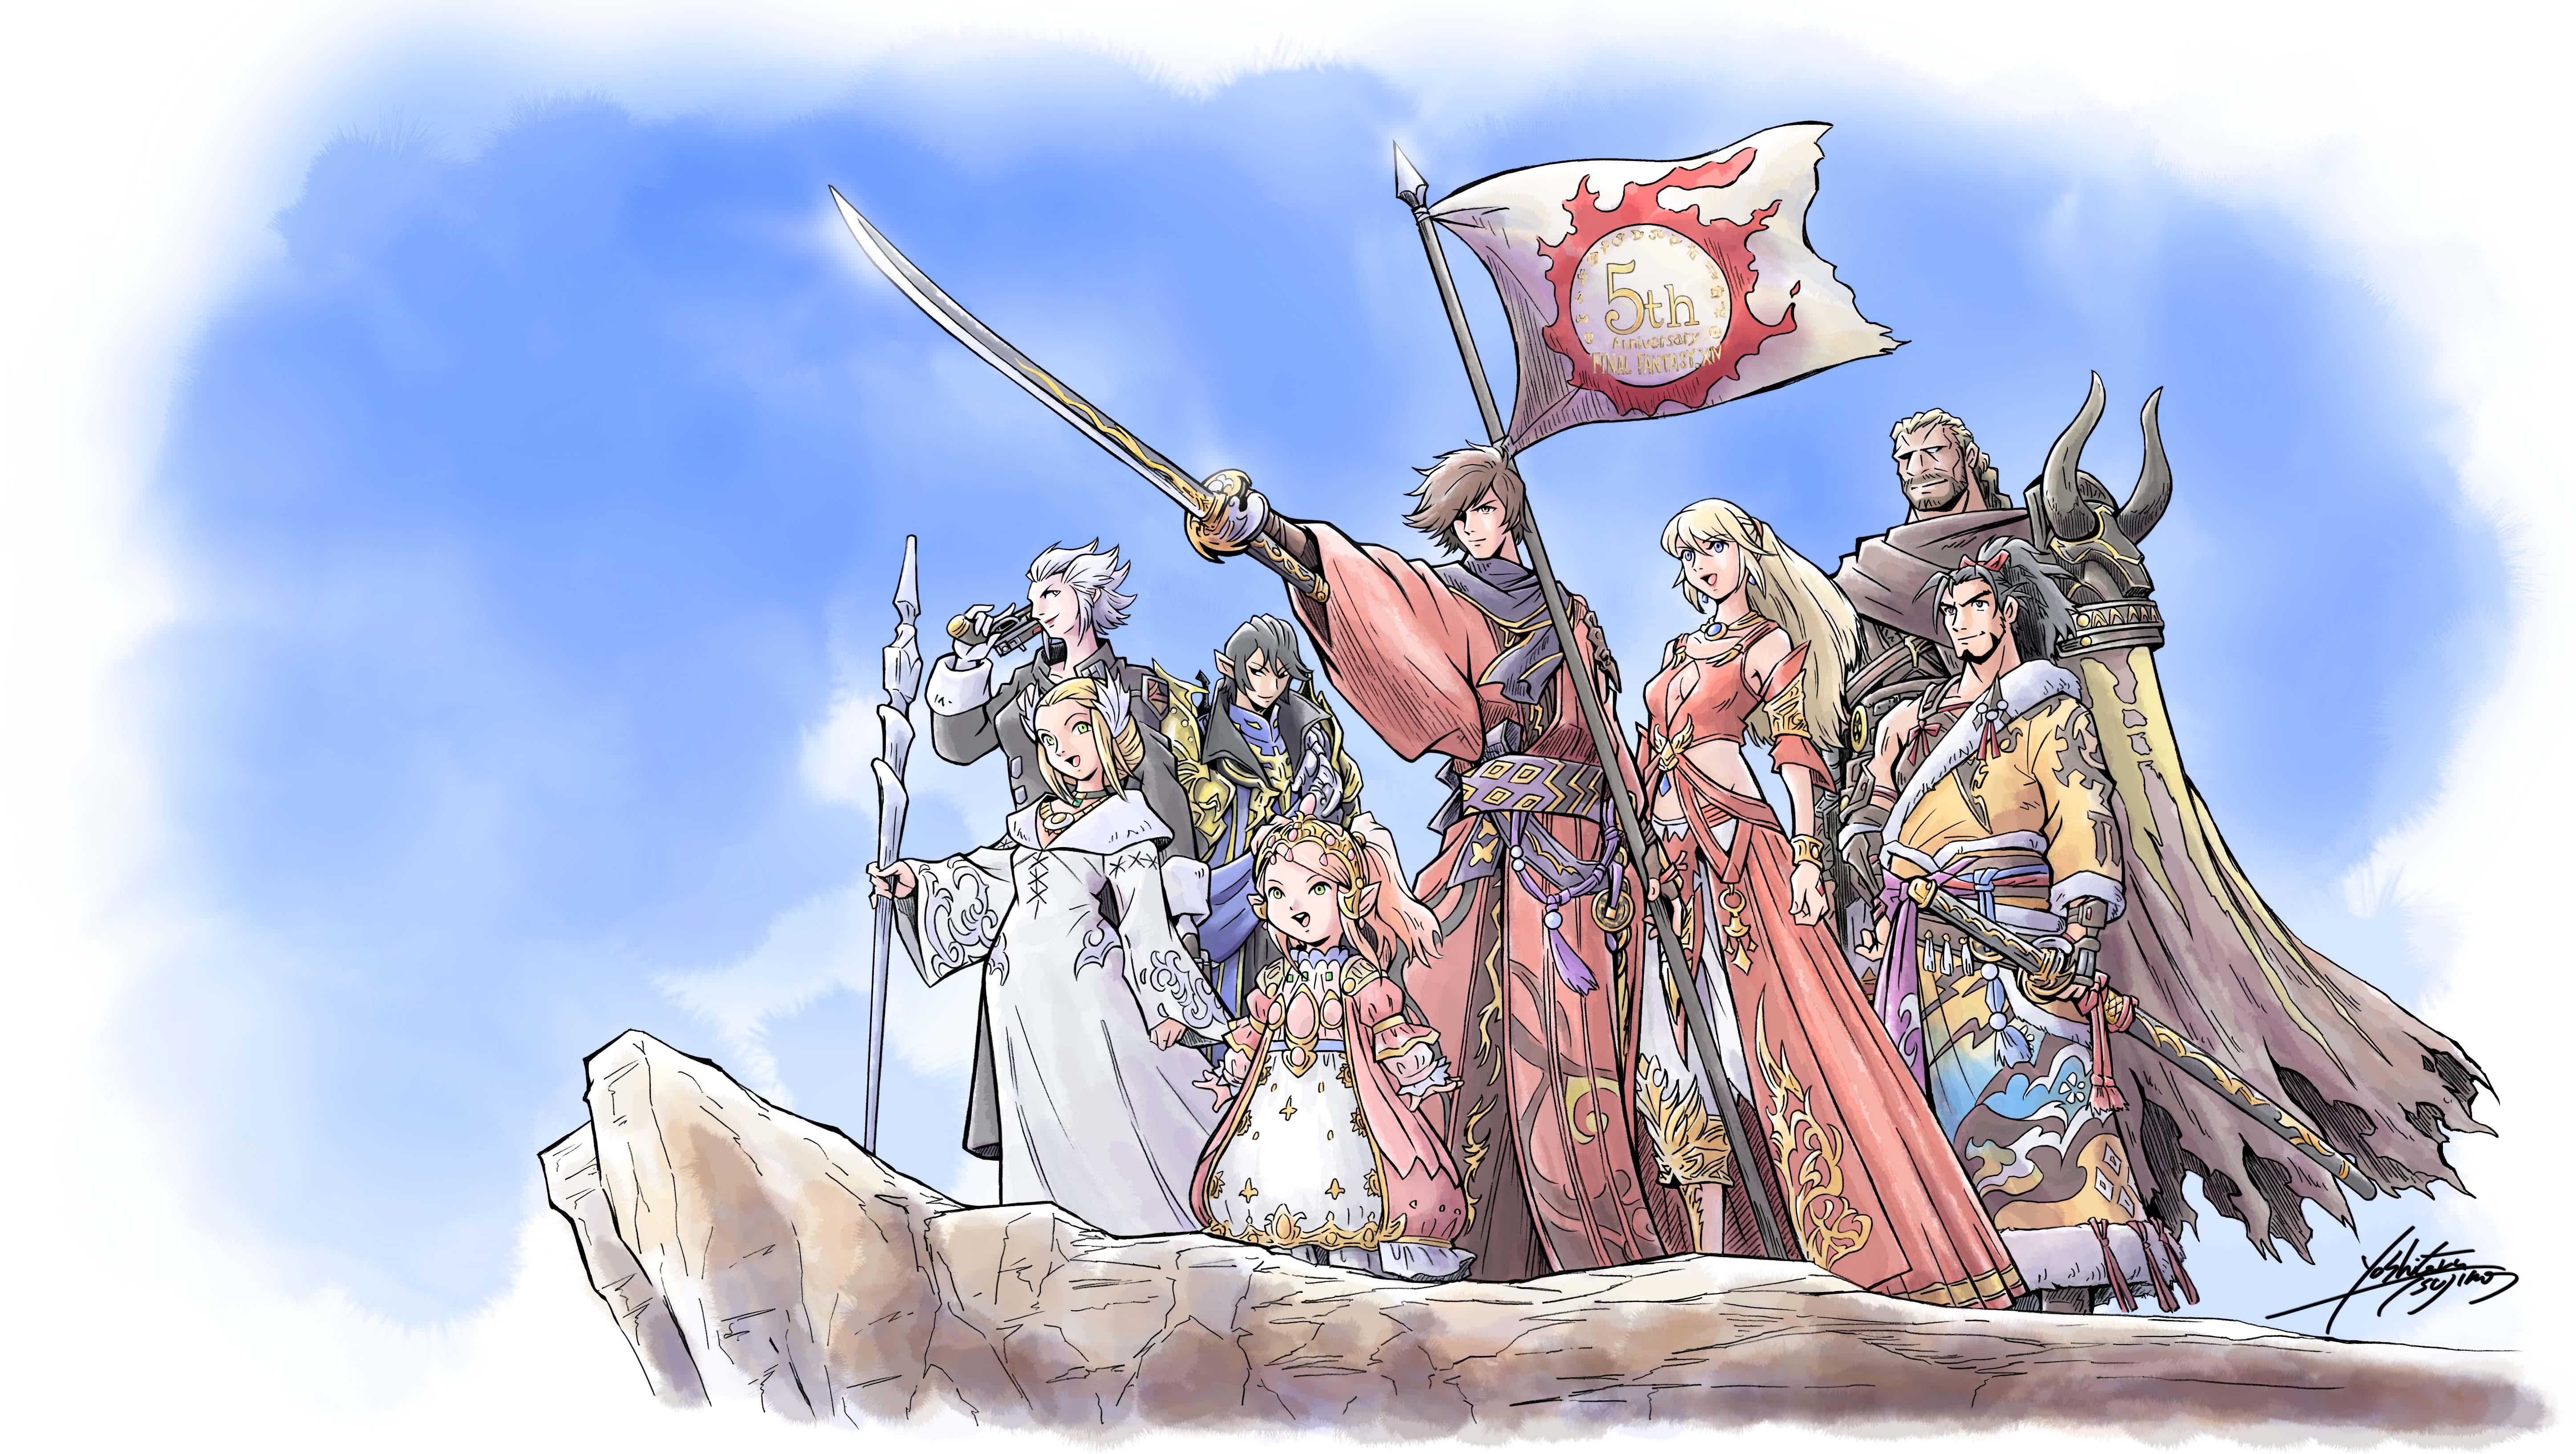 Final Fantasy XIV supera i 14 milioni di giocatori!